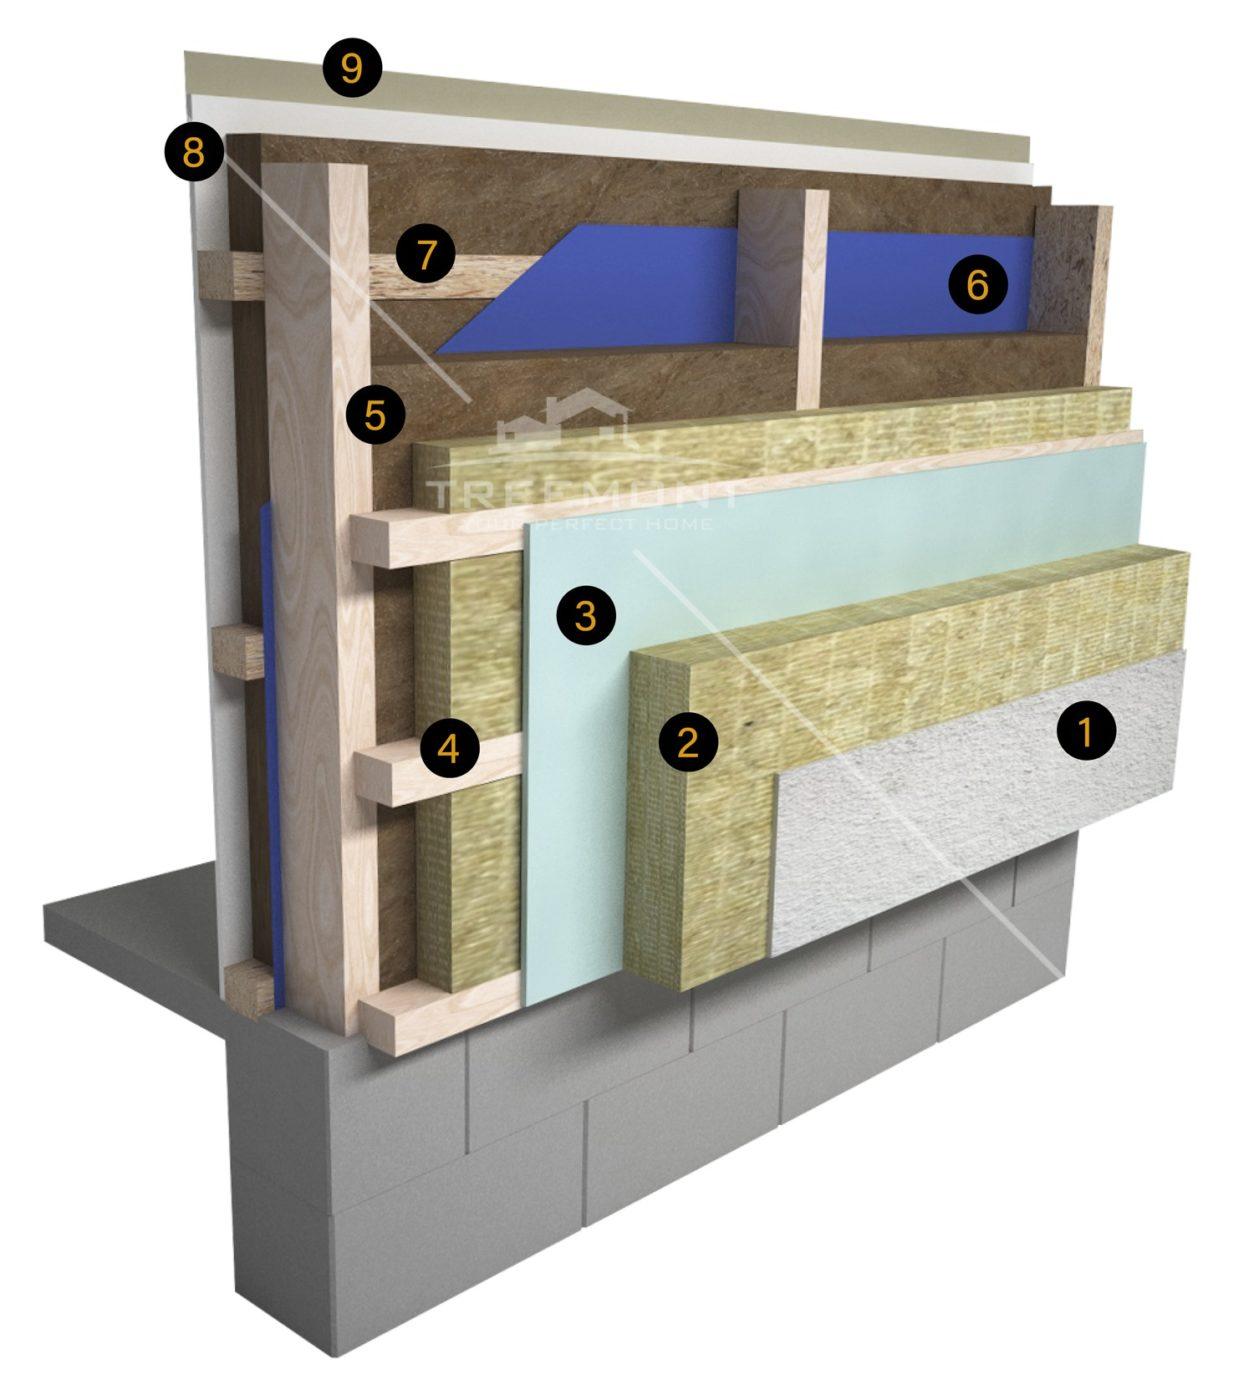 Montovanéí domy na kľúč - hrúbka stien